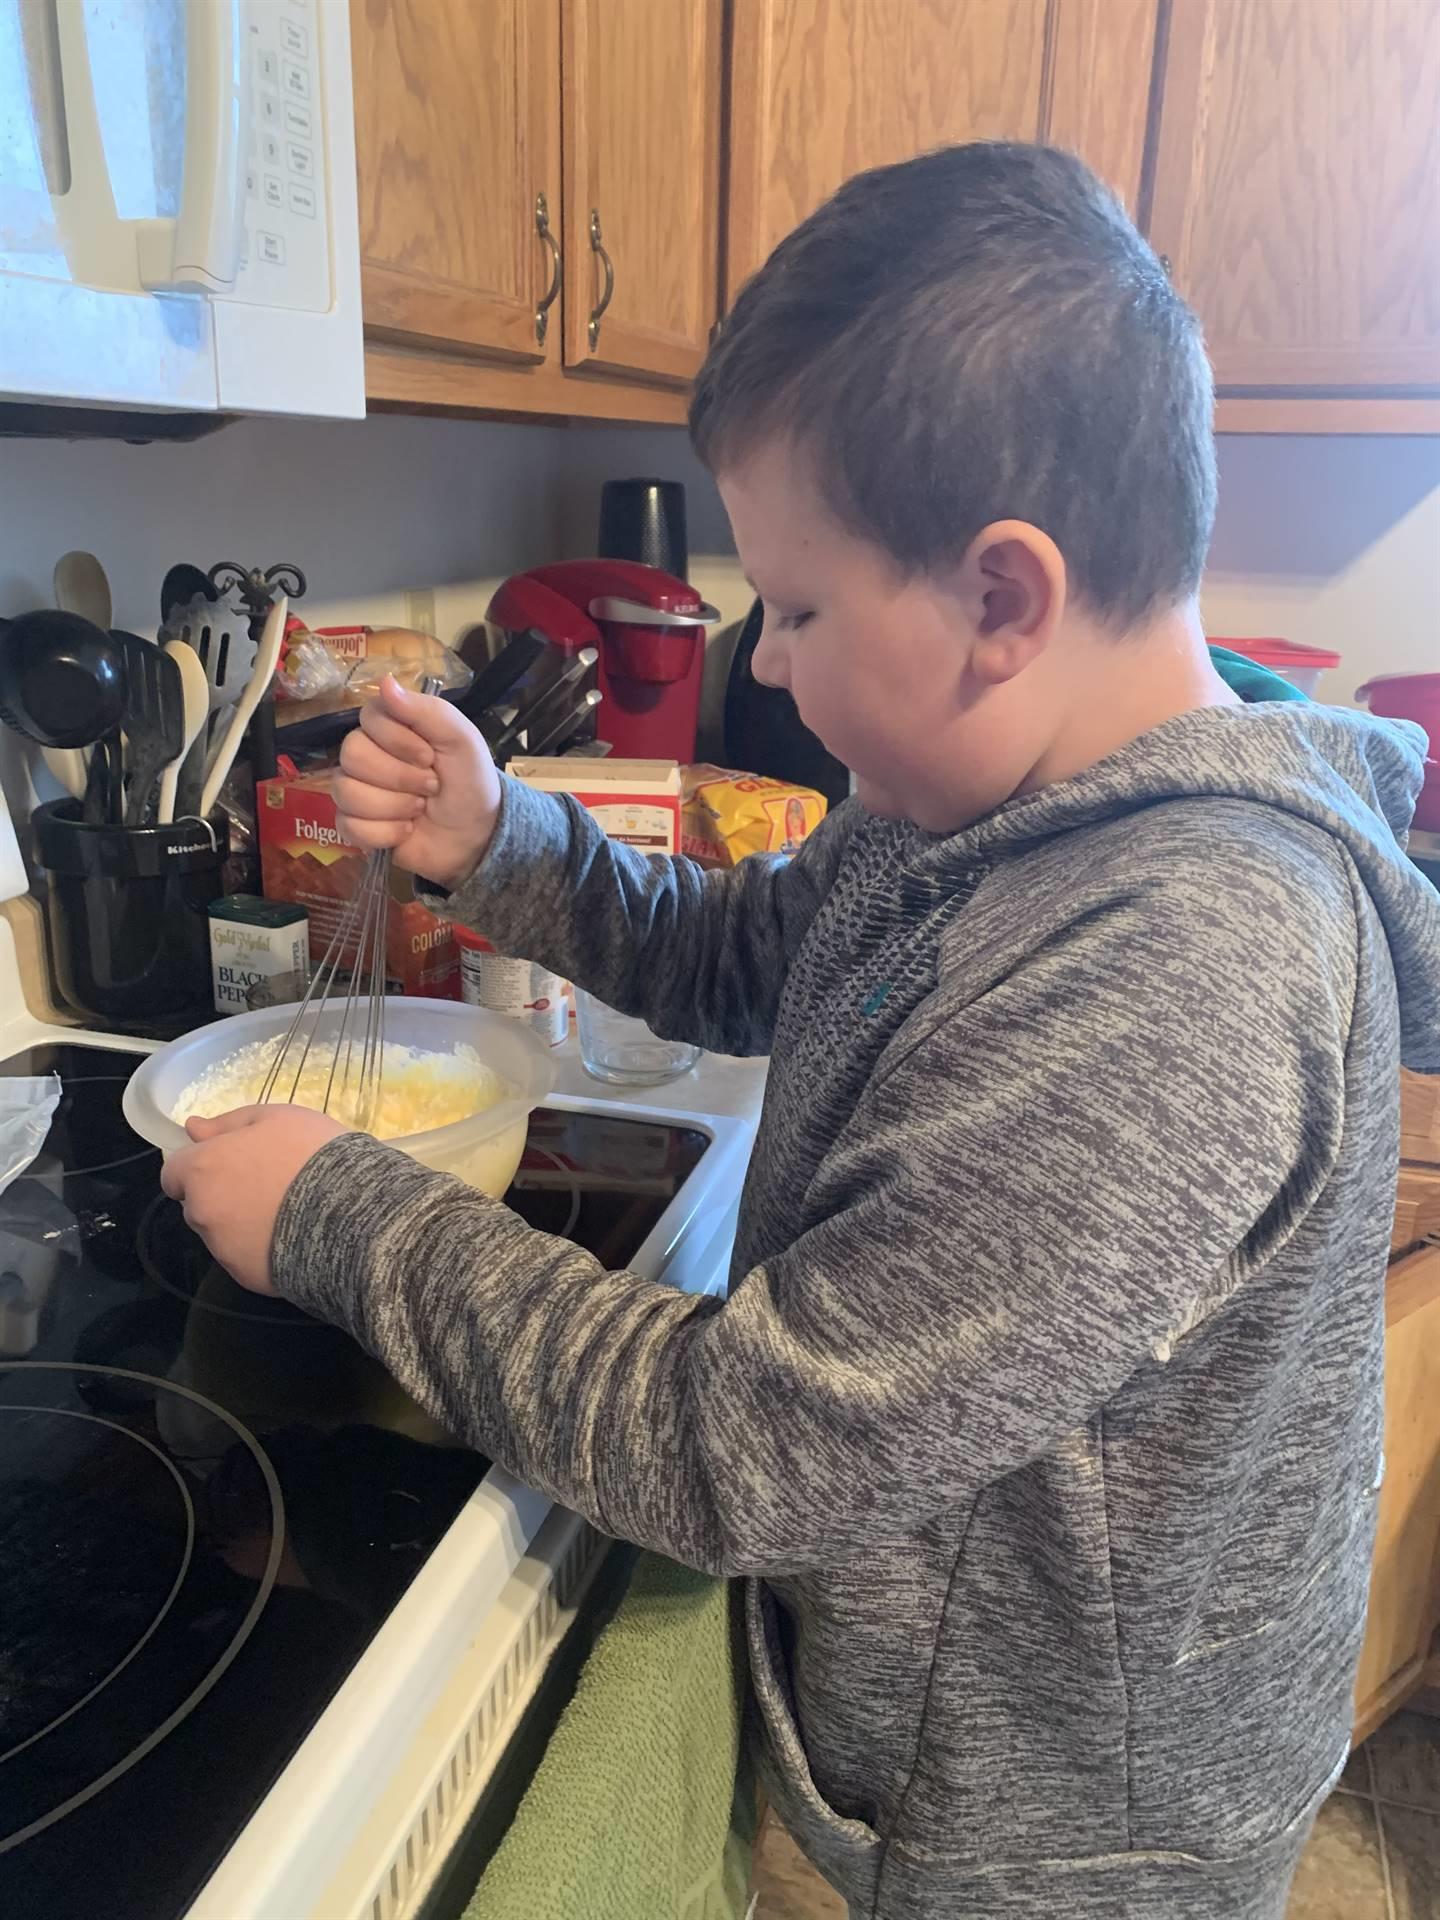 boy mixing cake mix